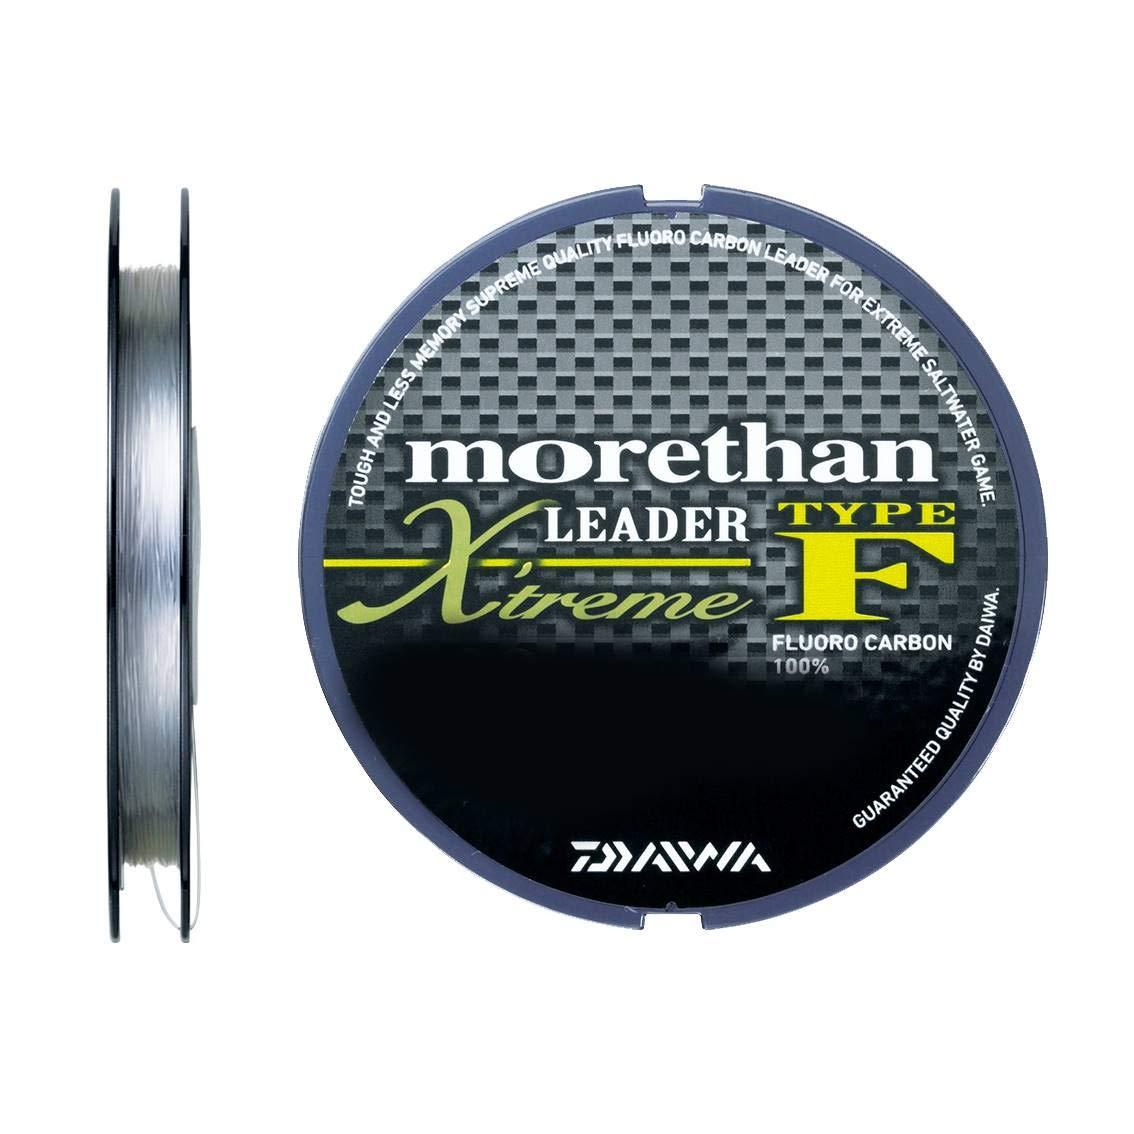 DAIWA morethan LEADER X'treme TYPE F 30lb 25m